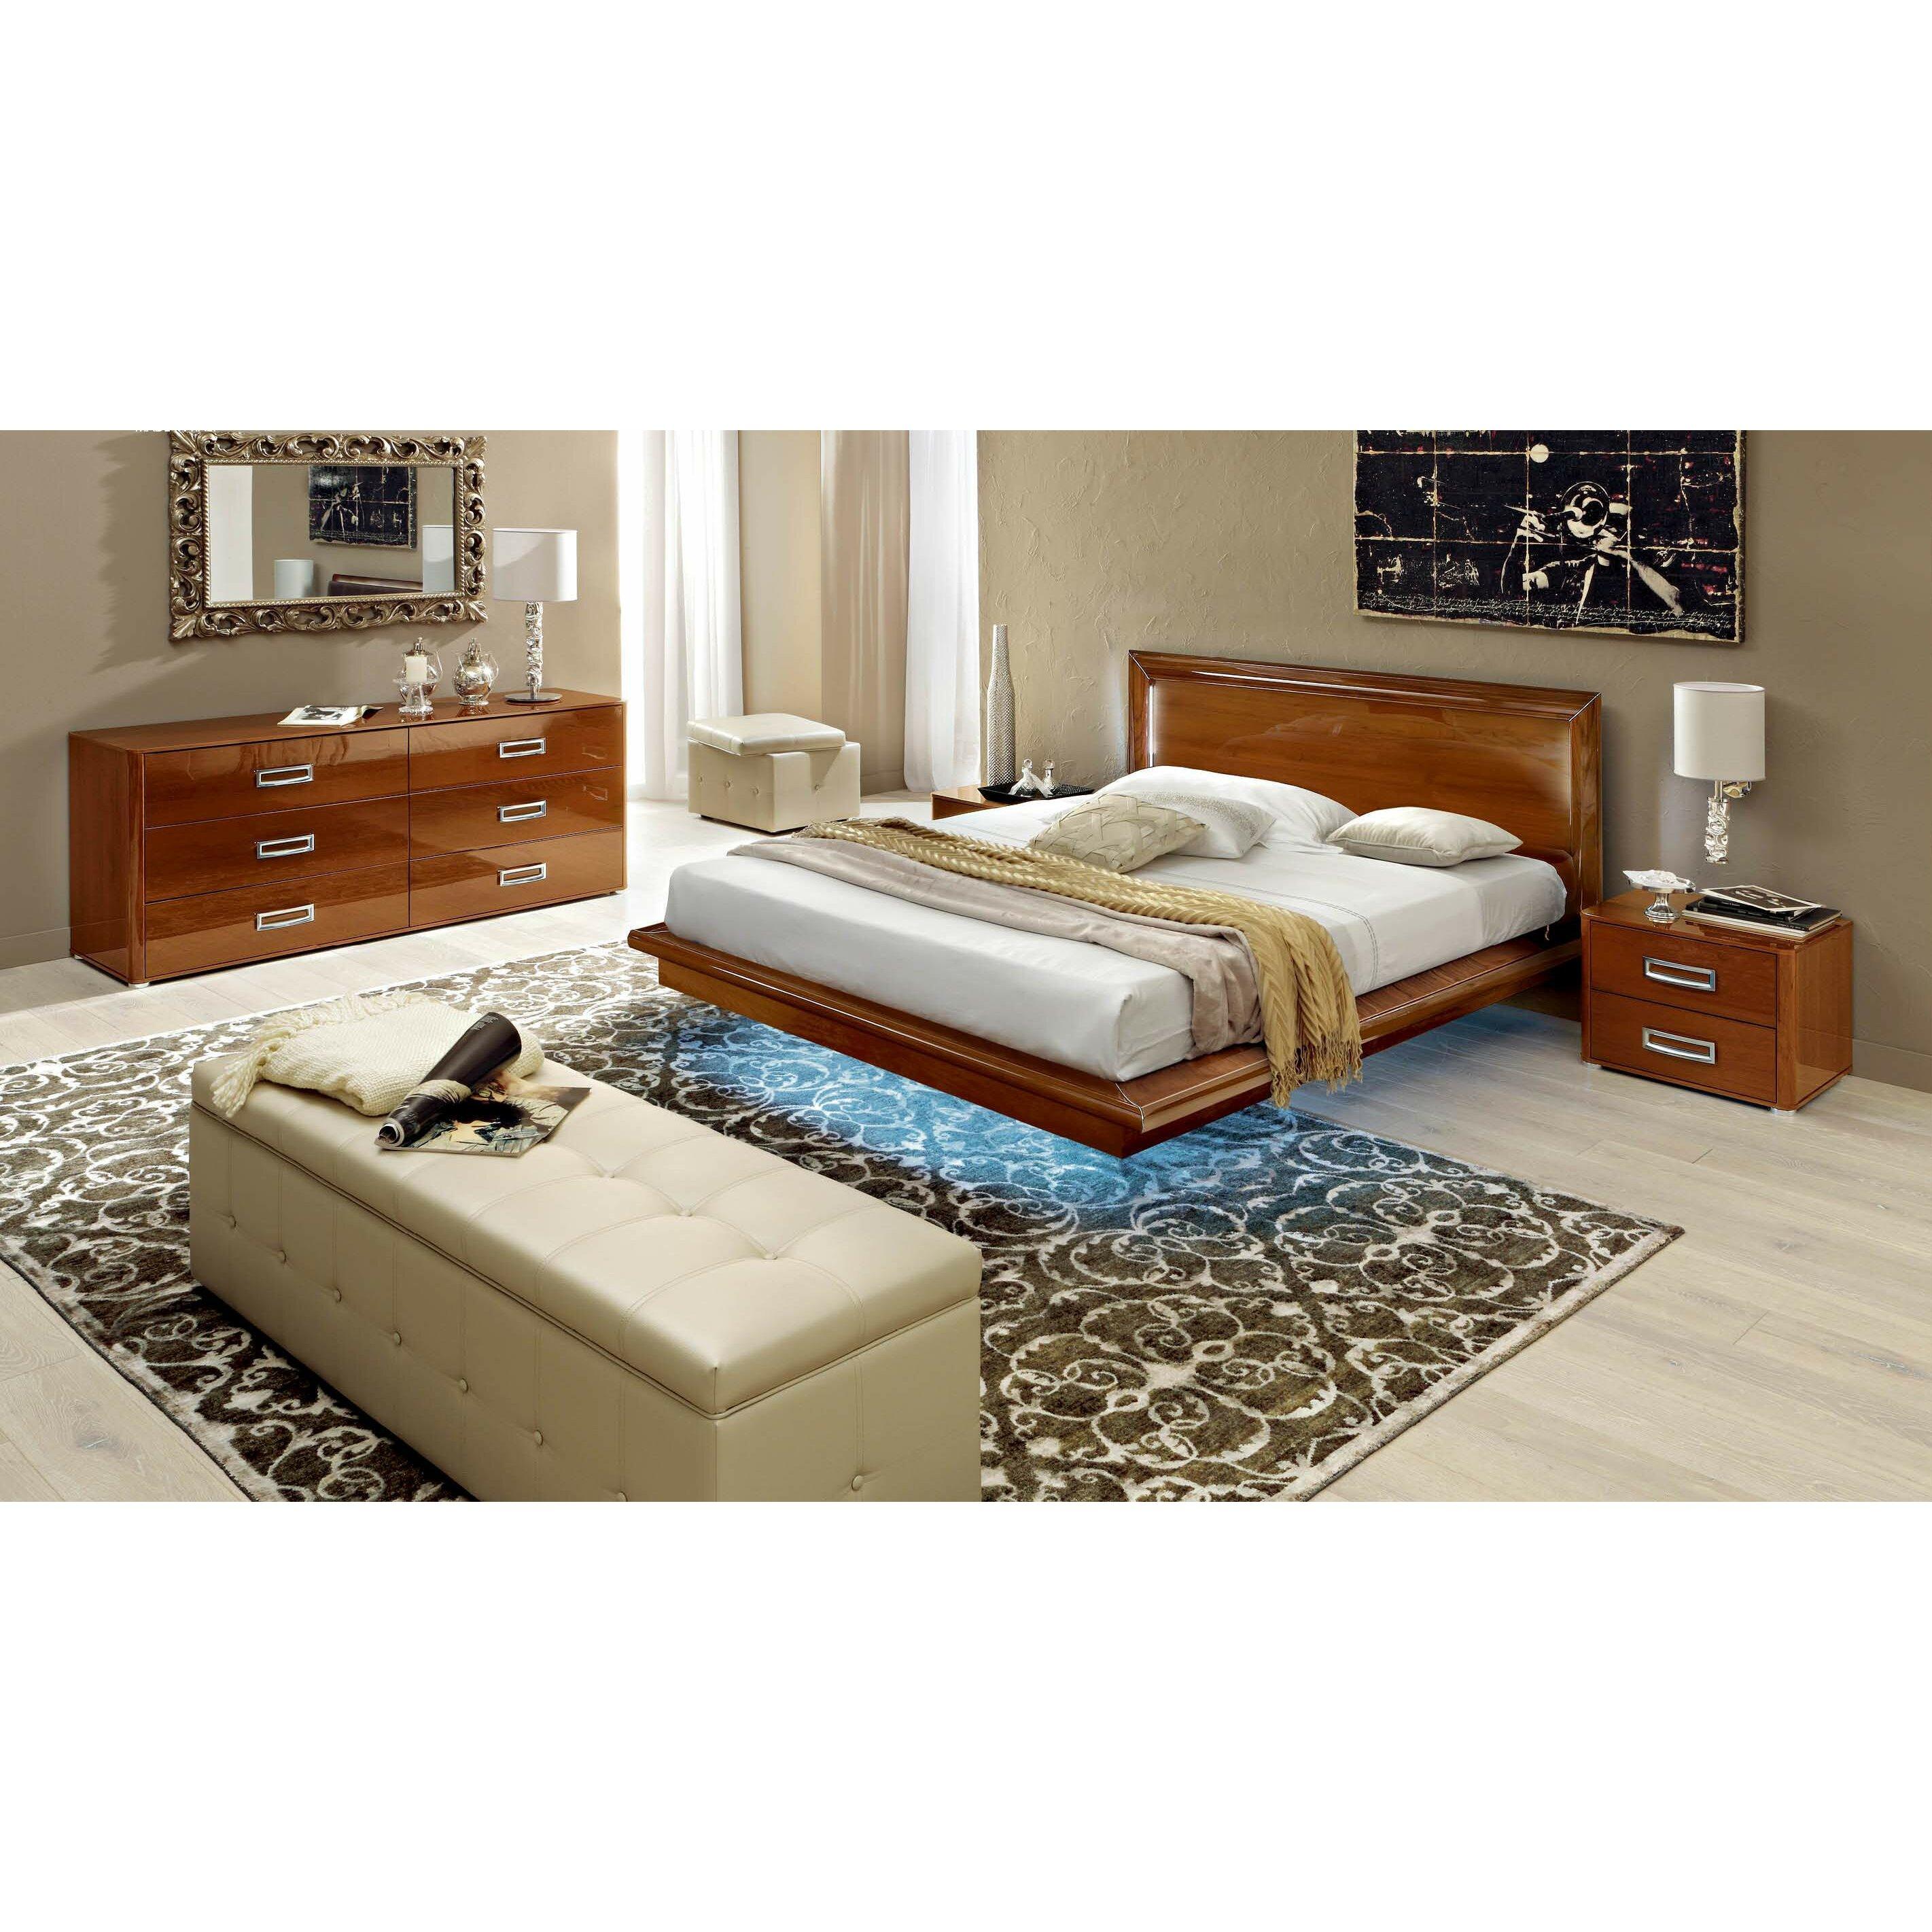 NociDesign Panel 3 Piece Bedroom Set